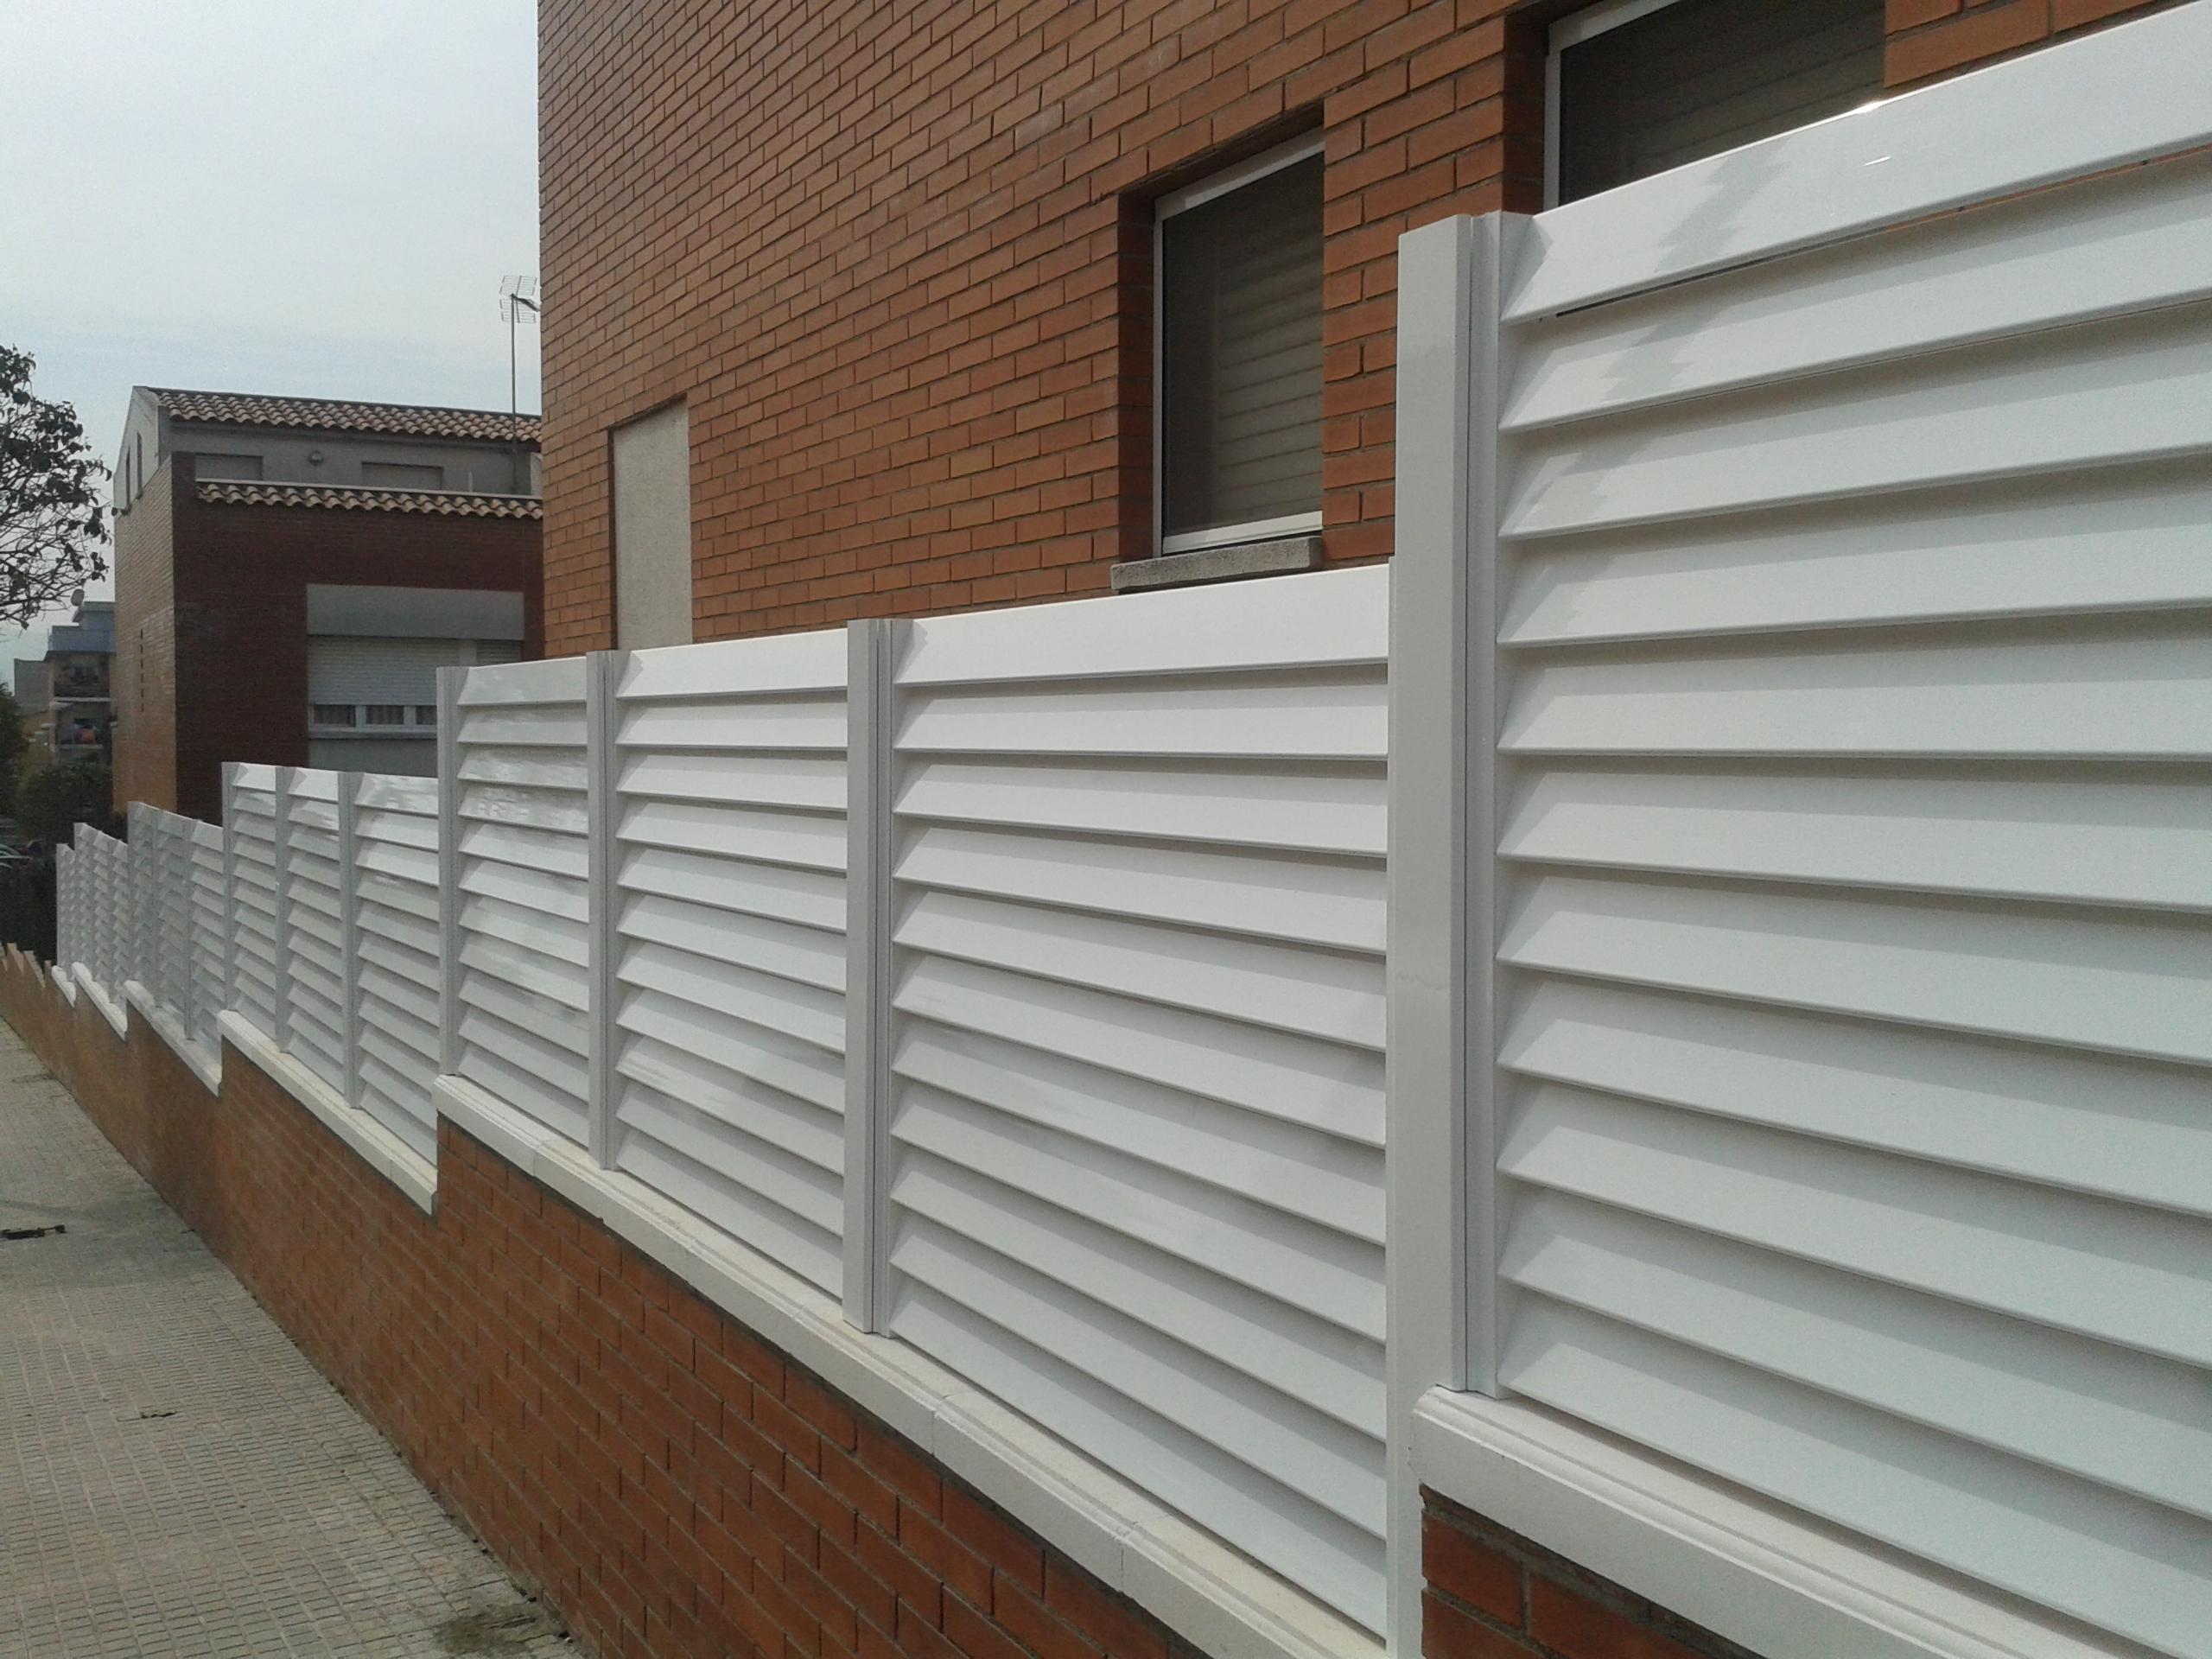 Jard n vallas y puertas cristaler a y aluminio r b r for Puertas jardin aluminio